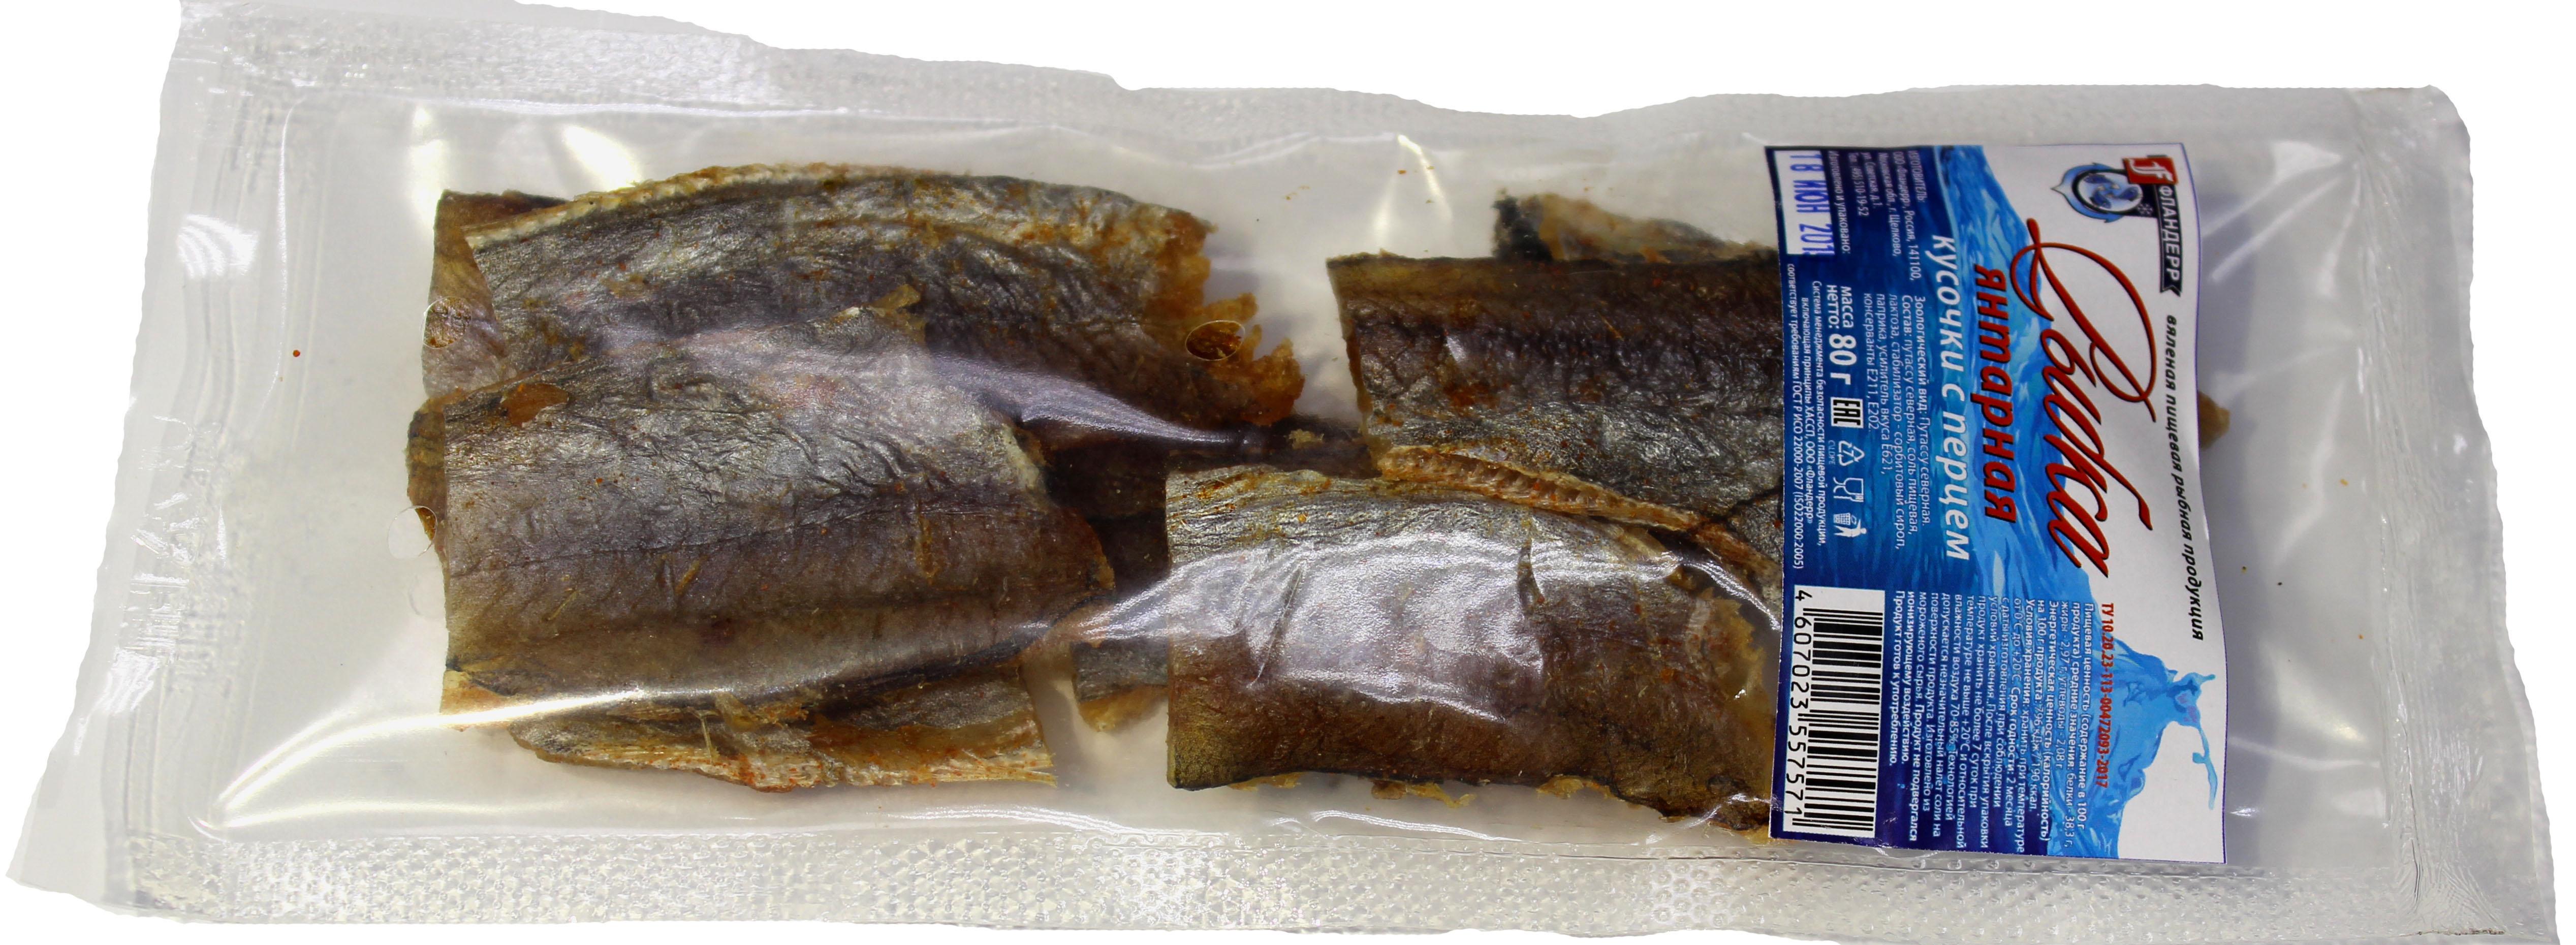 Янтарная рыбка с перцем 80 г Image